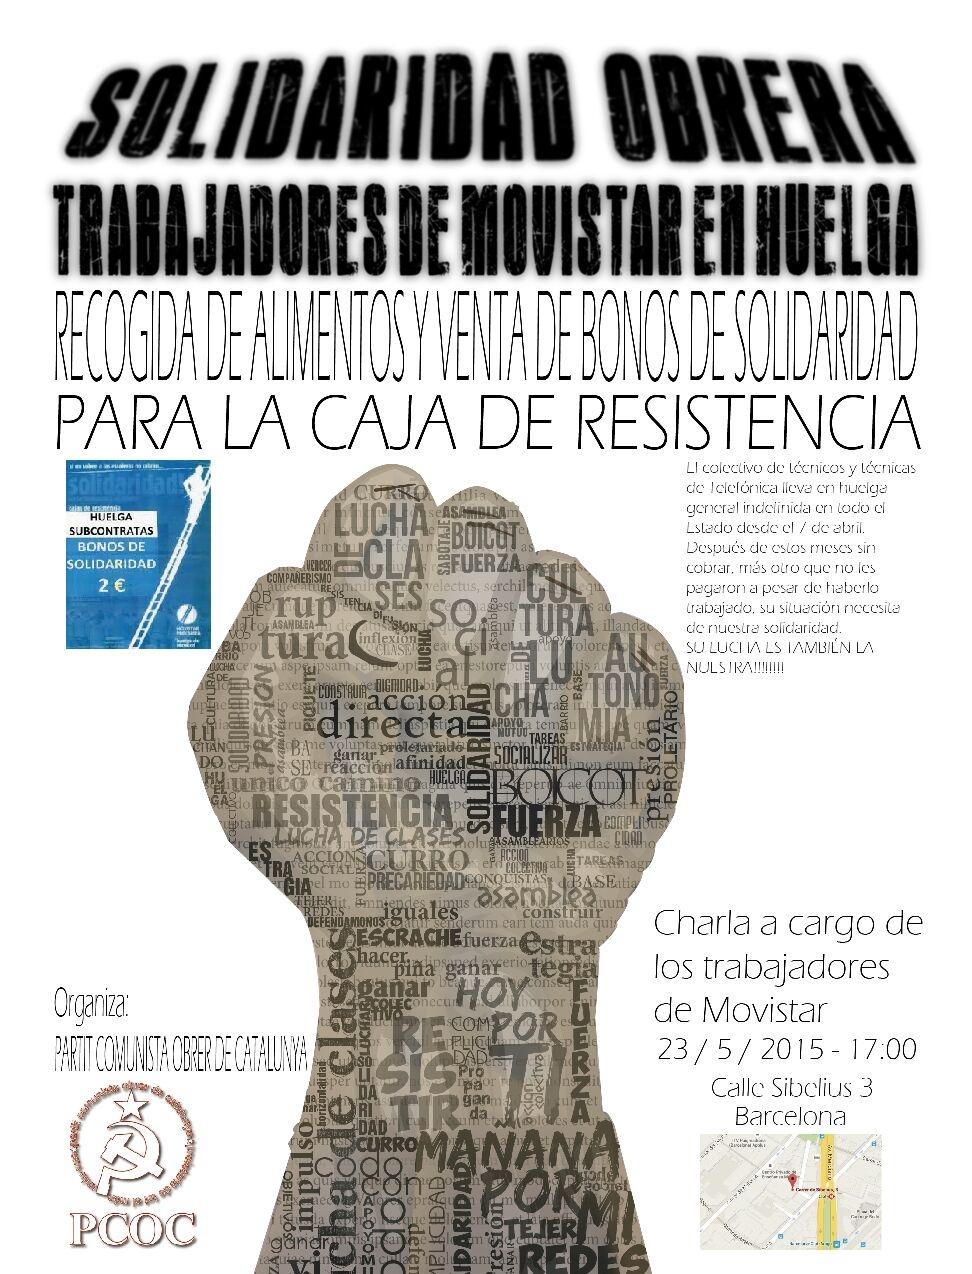 Solidaridad Obrera con los Trabajadores de Moviestar en Huelga